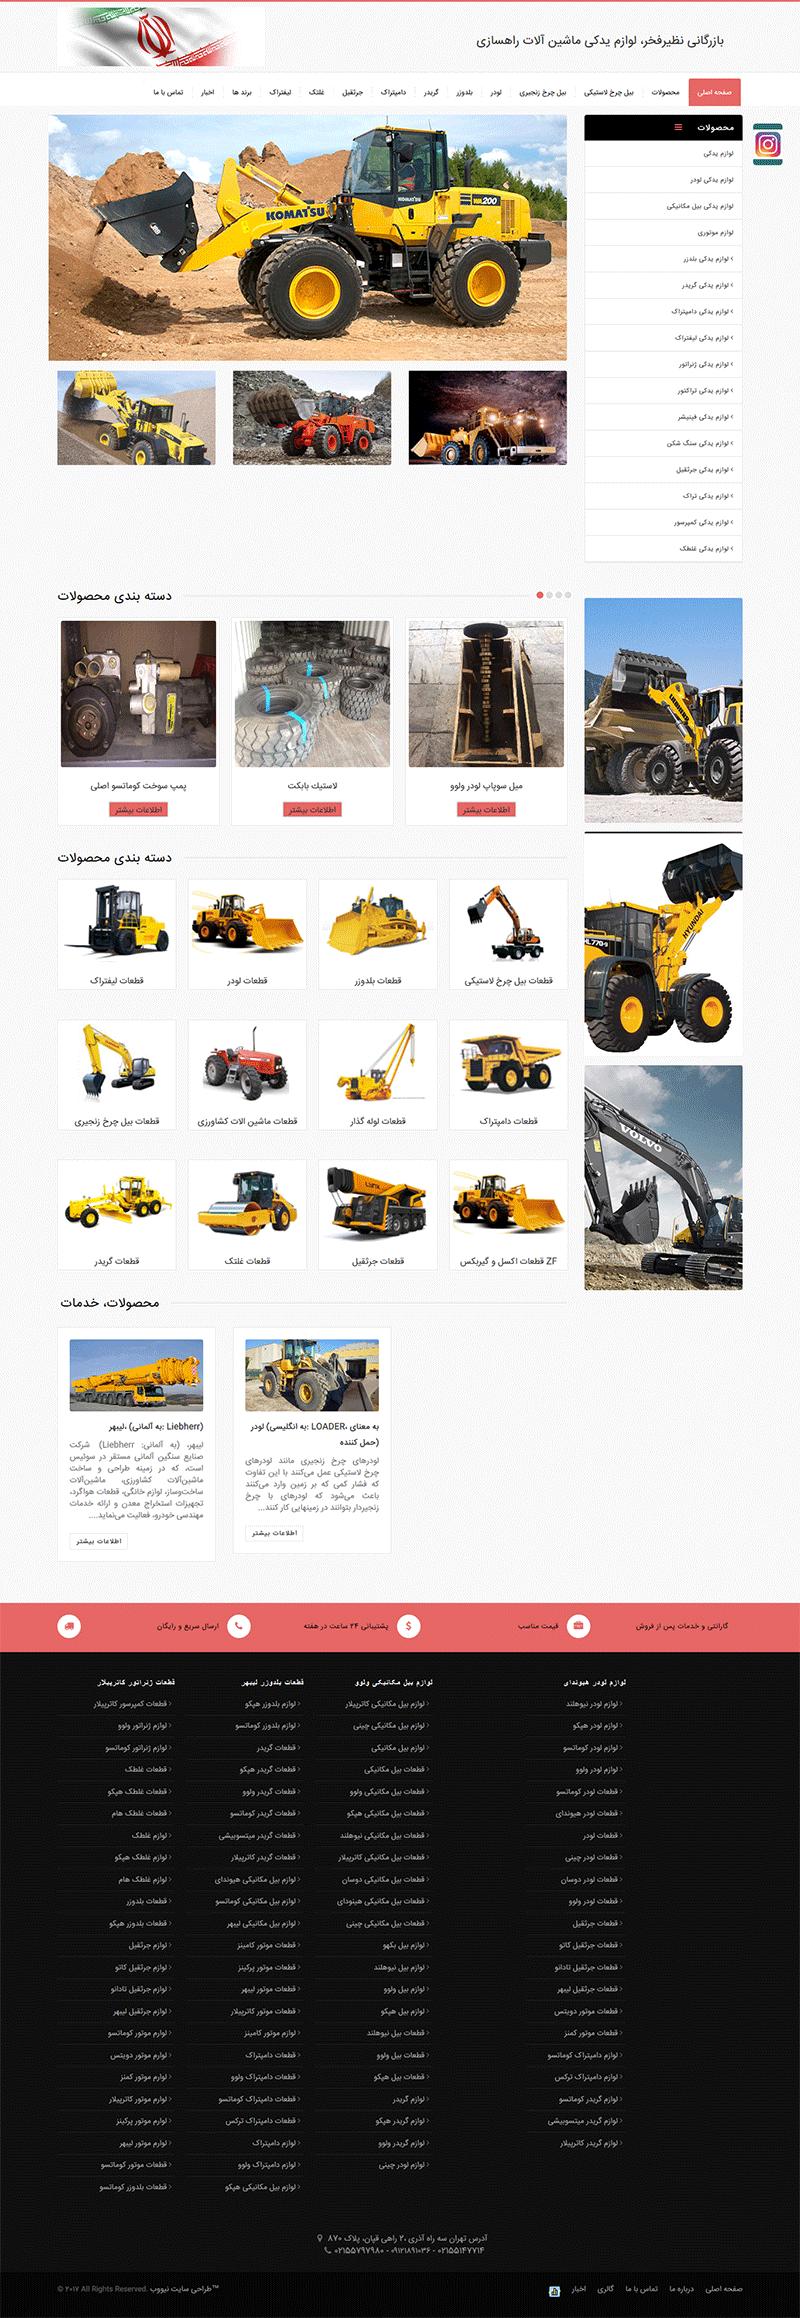 طراحی سایت بازرگانی نظیرفخر